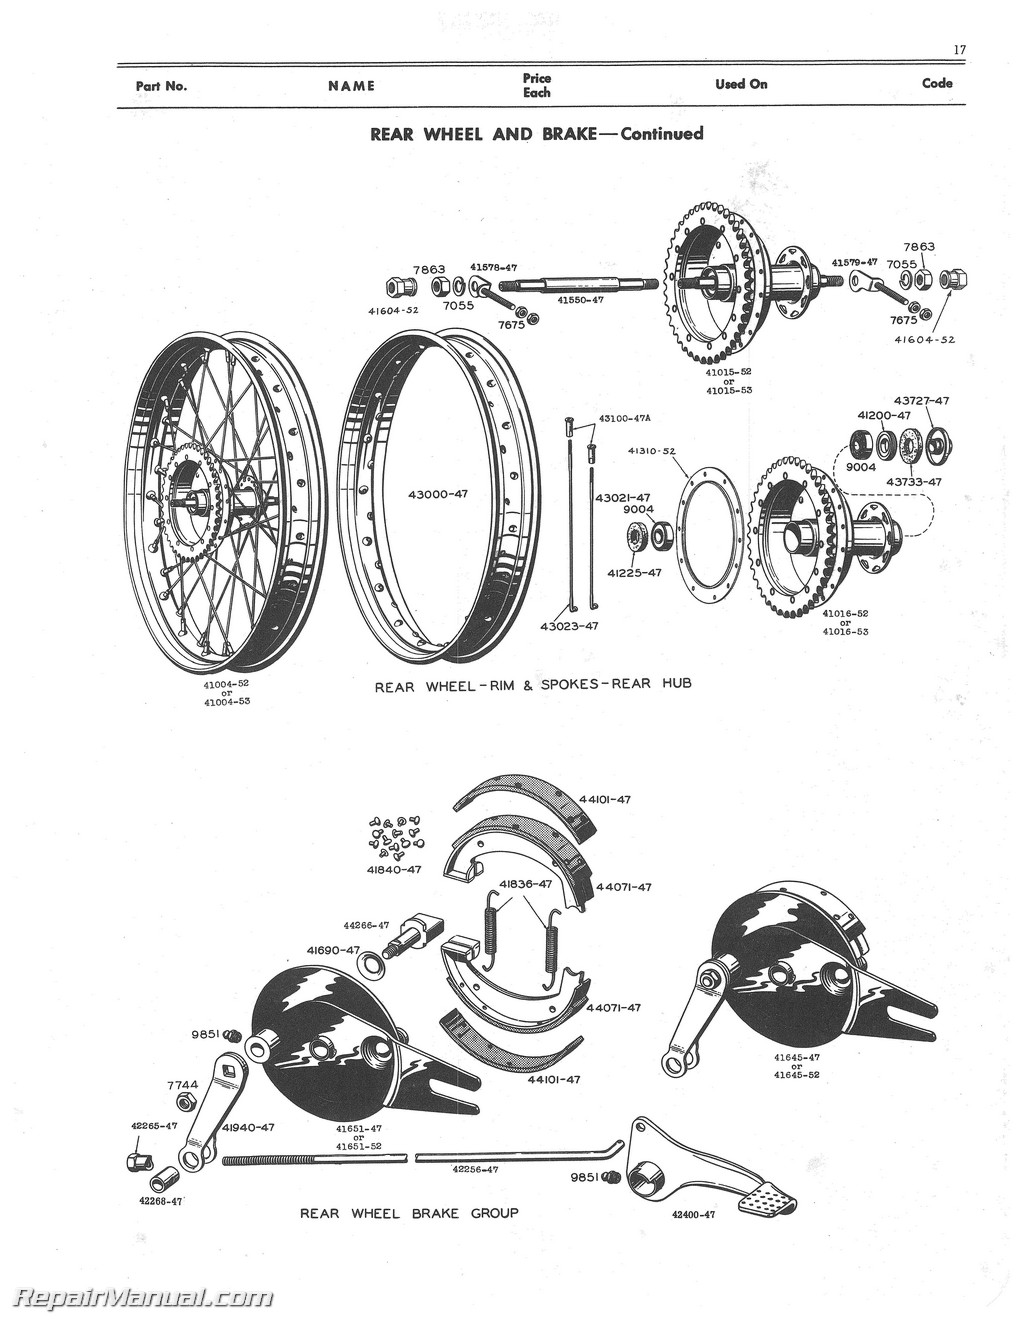 Motorcycle Parts Manual